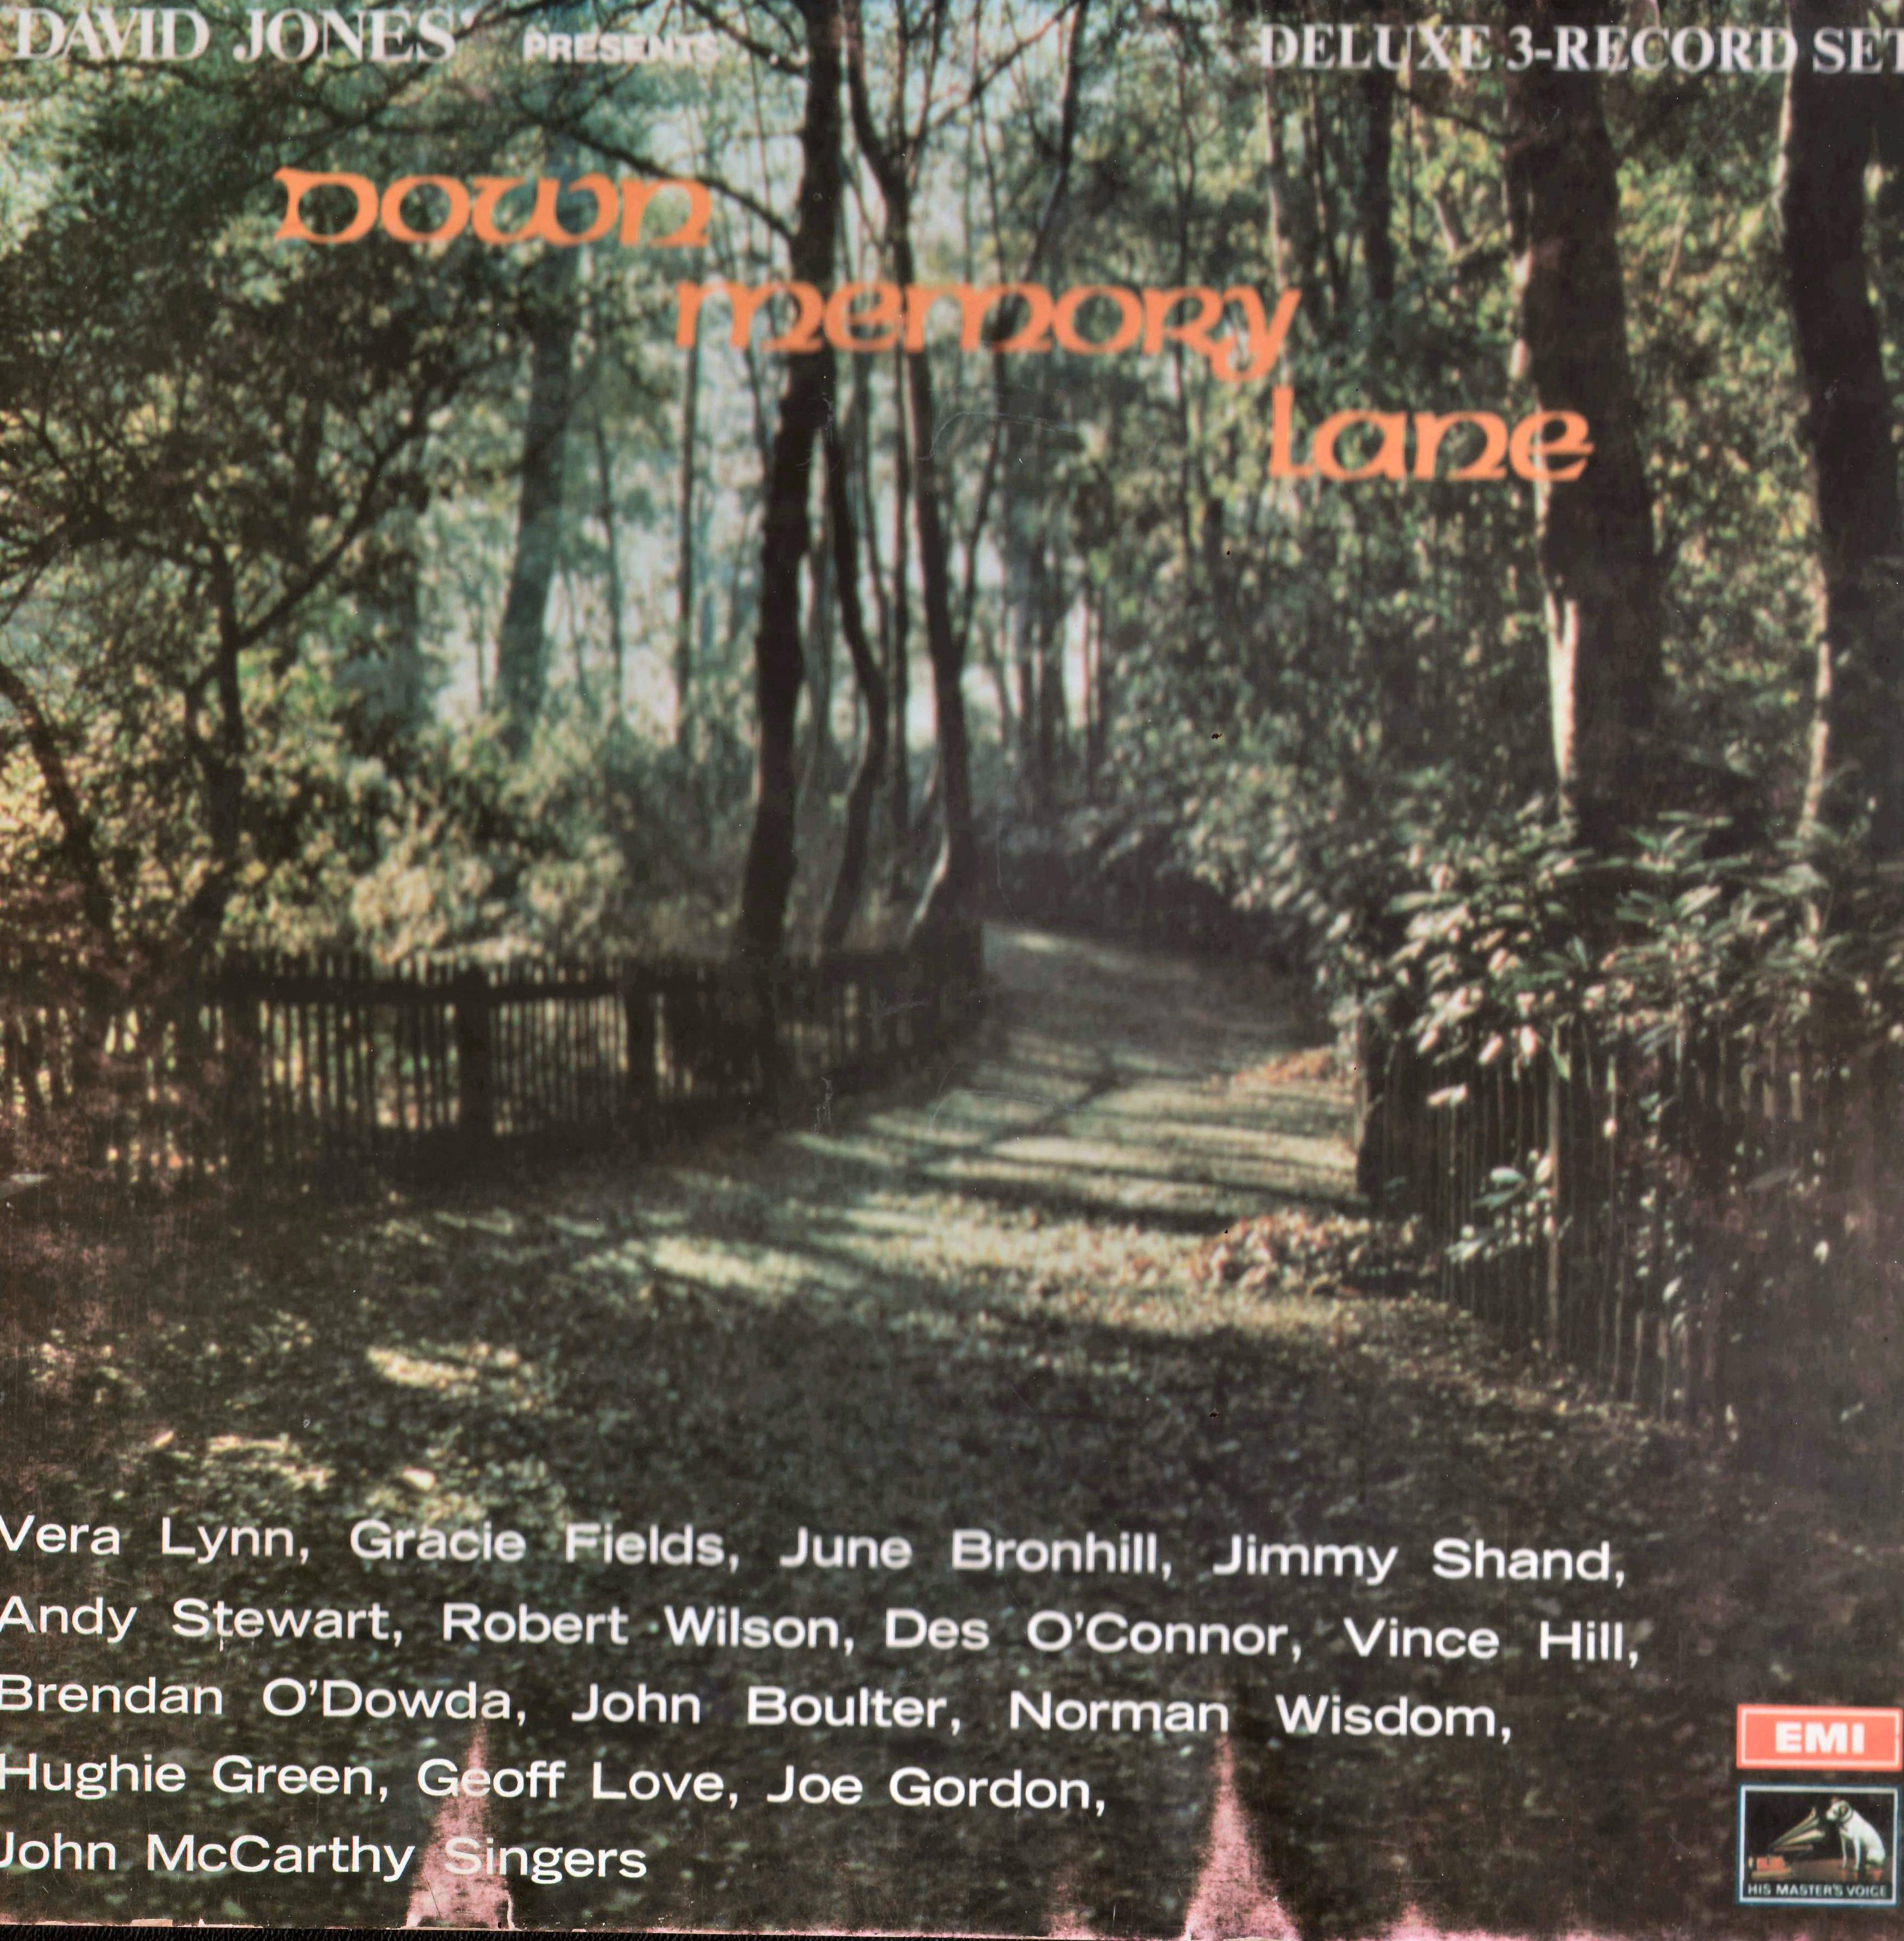 Down Memory Lane - 47 Wonderful Memories - Rare LP Source